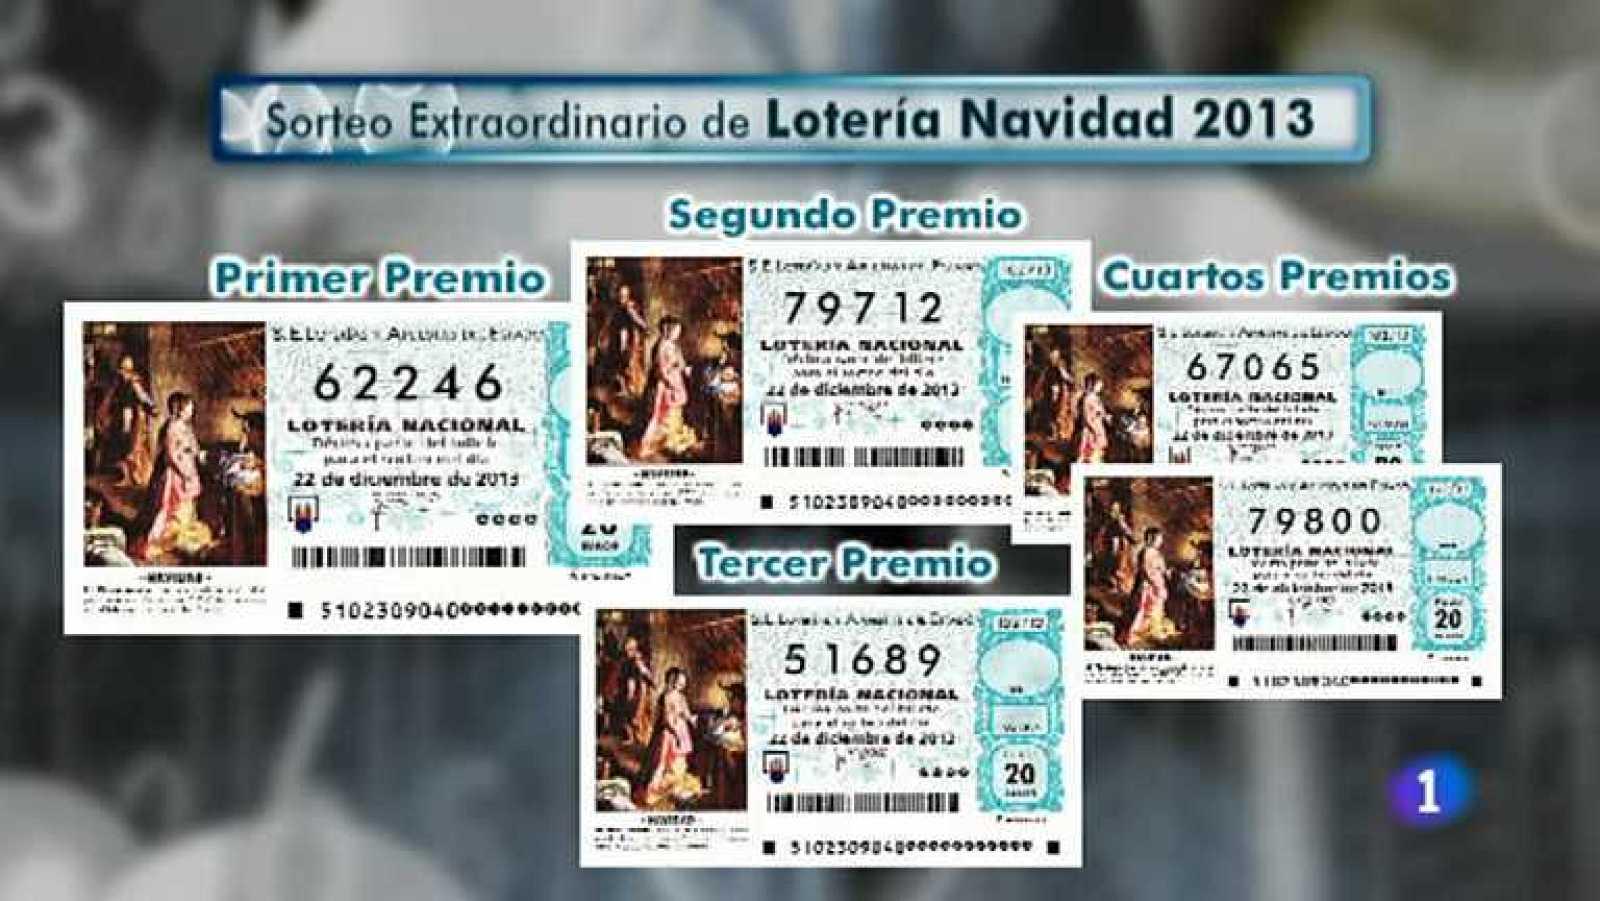 Comprobar Decimo Loteria Navidad 2012 Sorteo De La Loteria De Navidad 2013 Quinta Hora Rtve Es